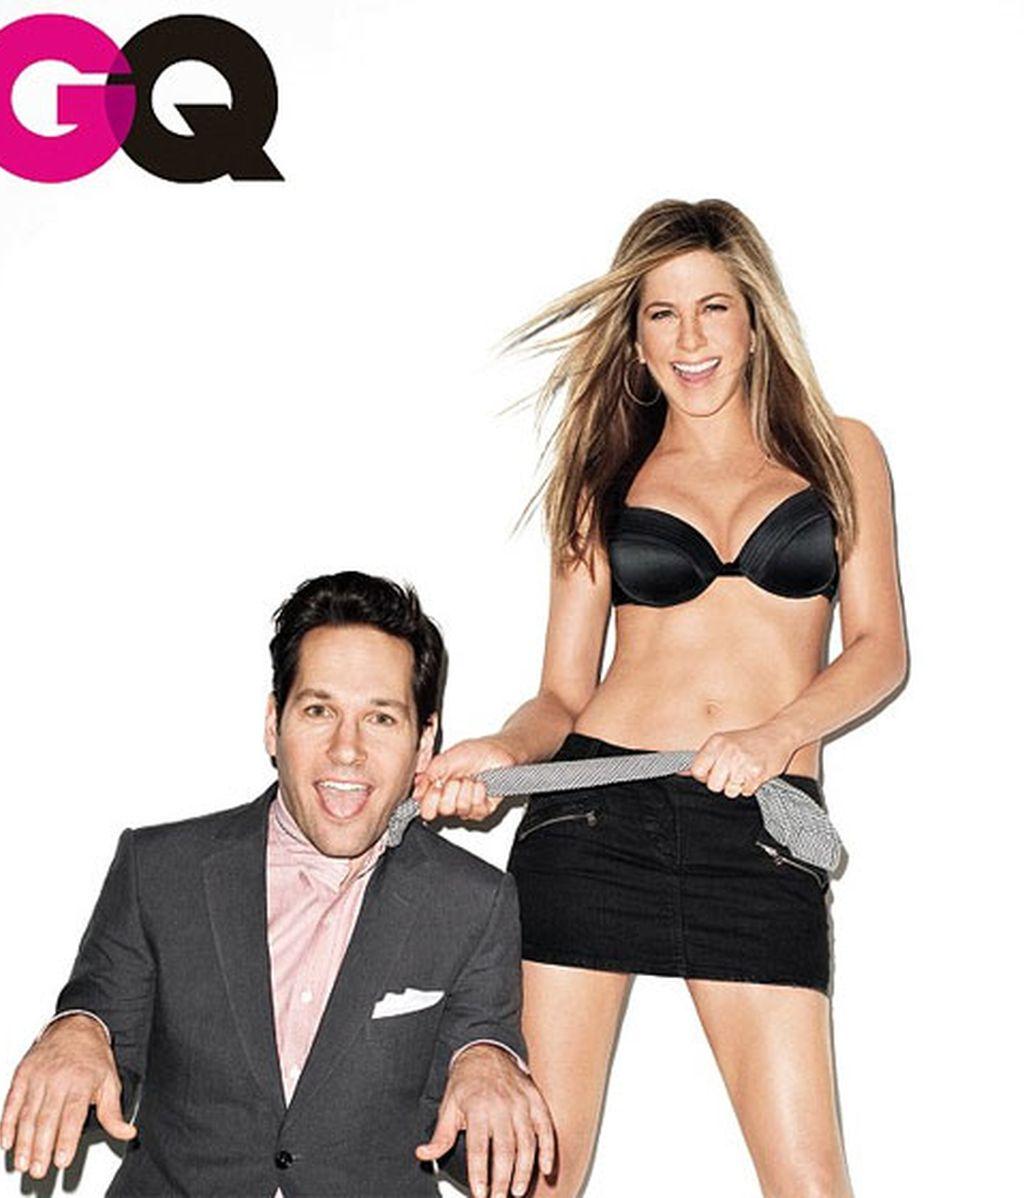 Jennifer Aniston, protagonista de la portada de la revista GQ